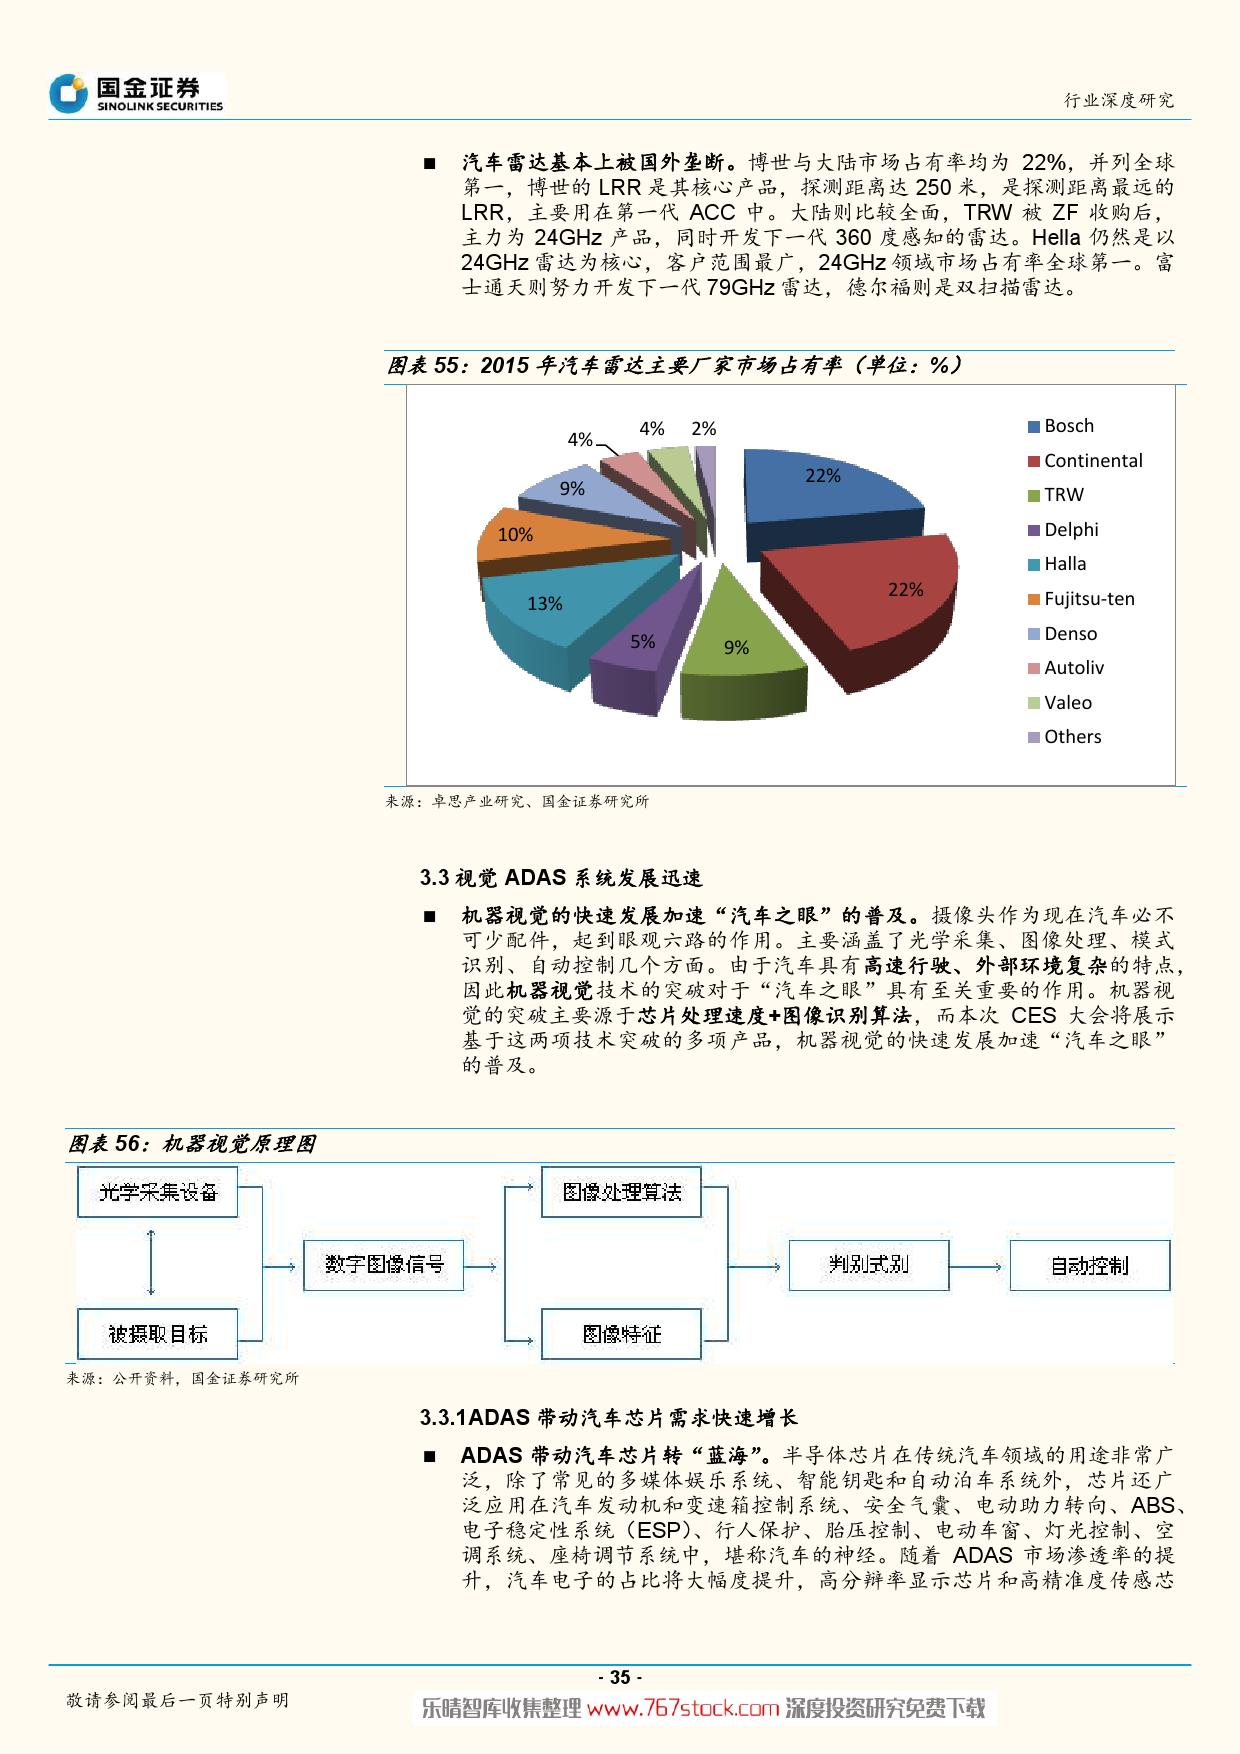 特斯拉产业系列深度报告-智能驾驶爆发在即_000035